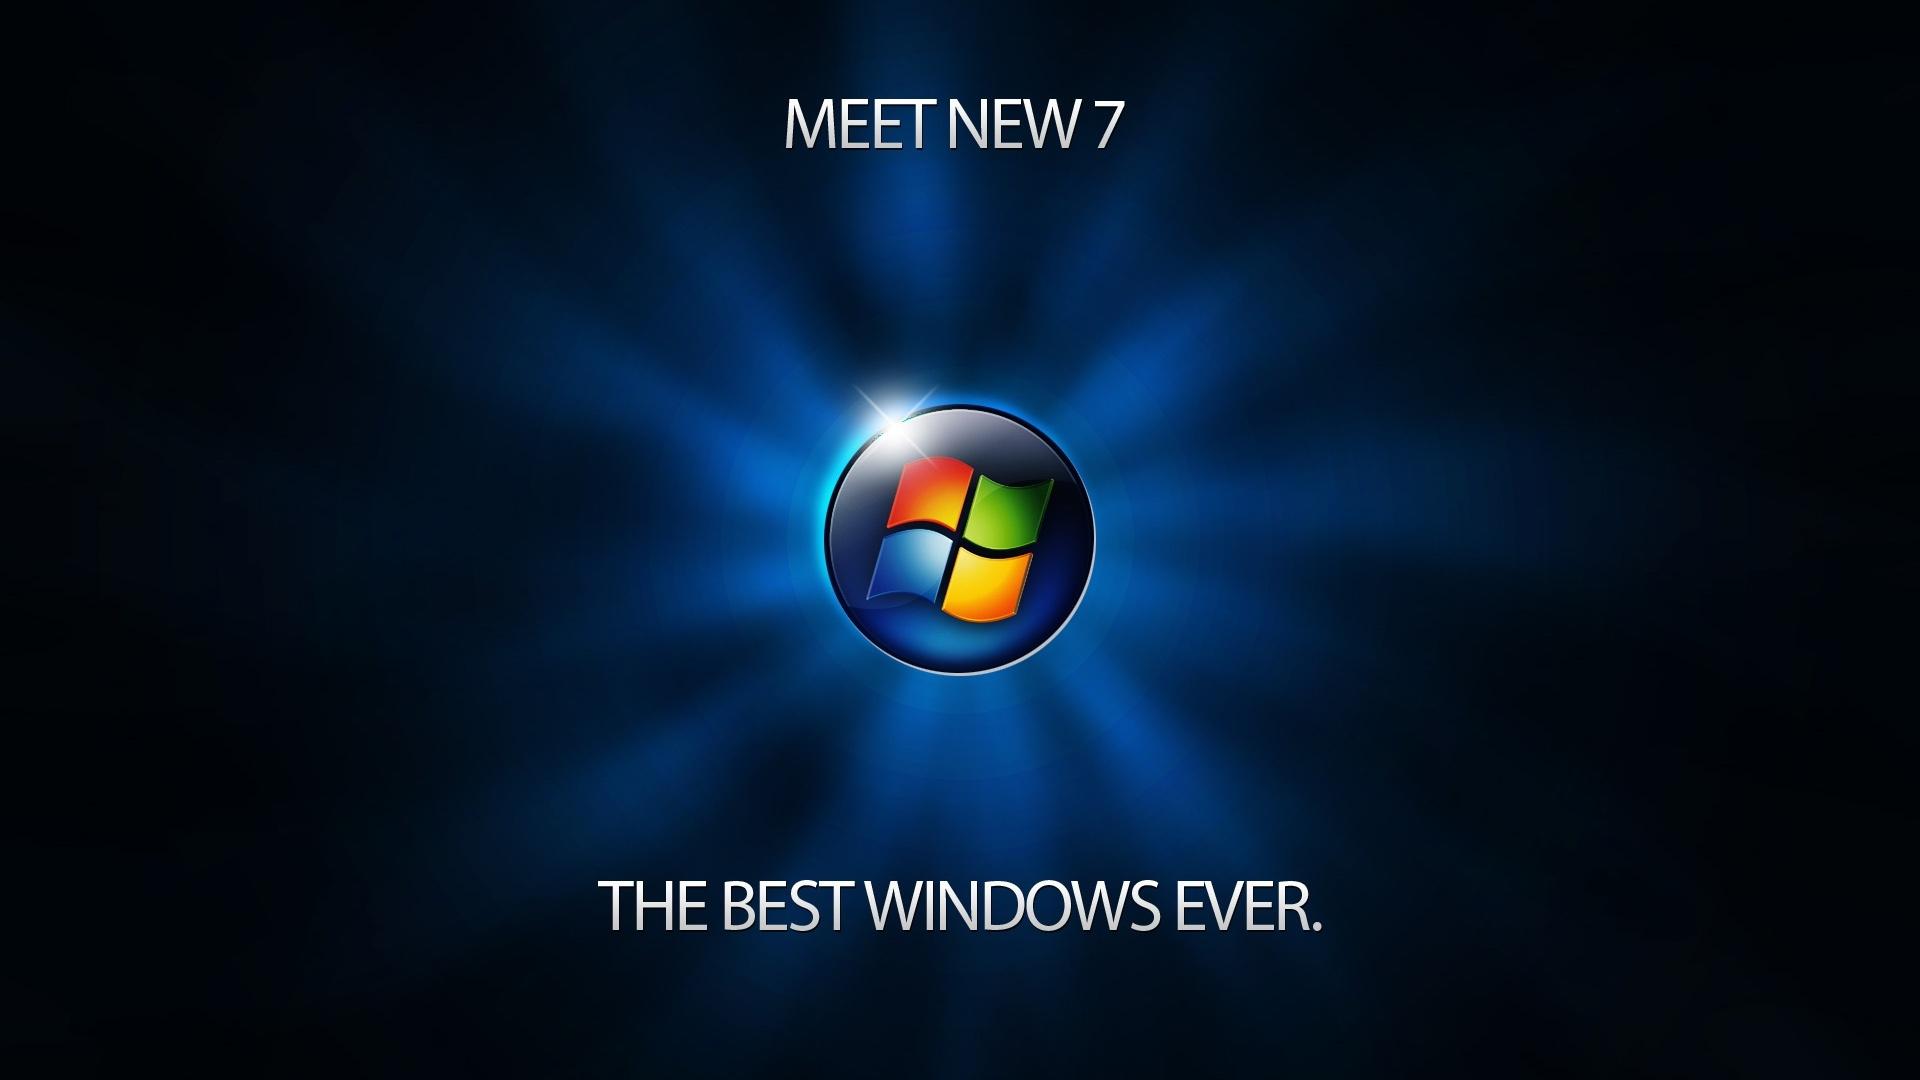 flirting meme images free download windows 7: